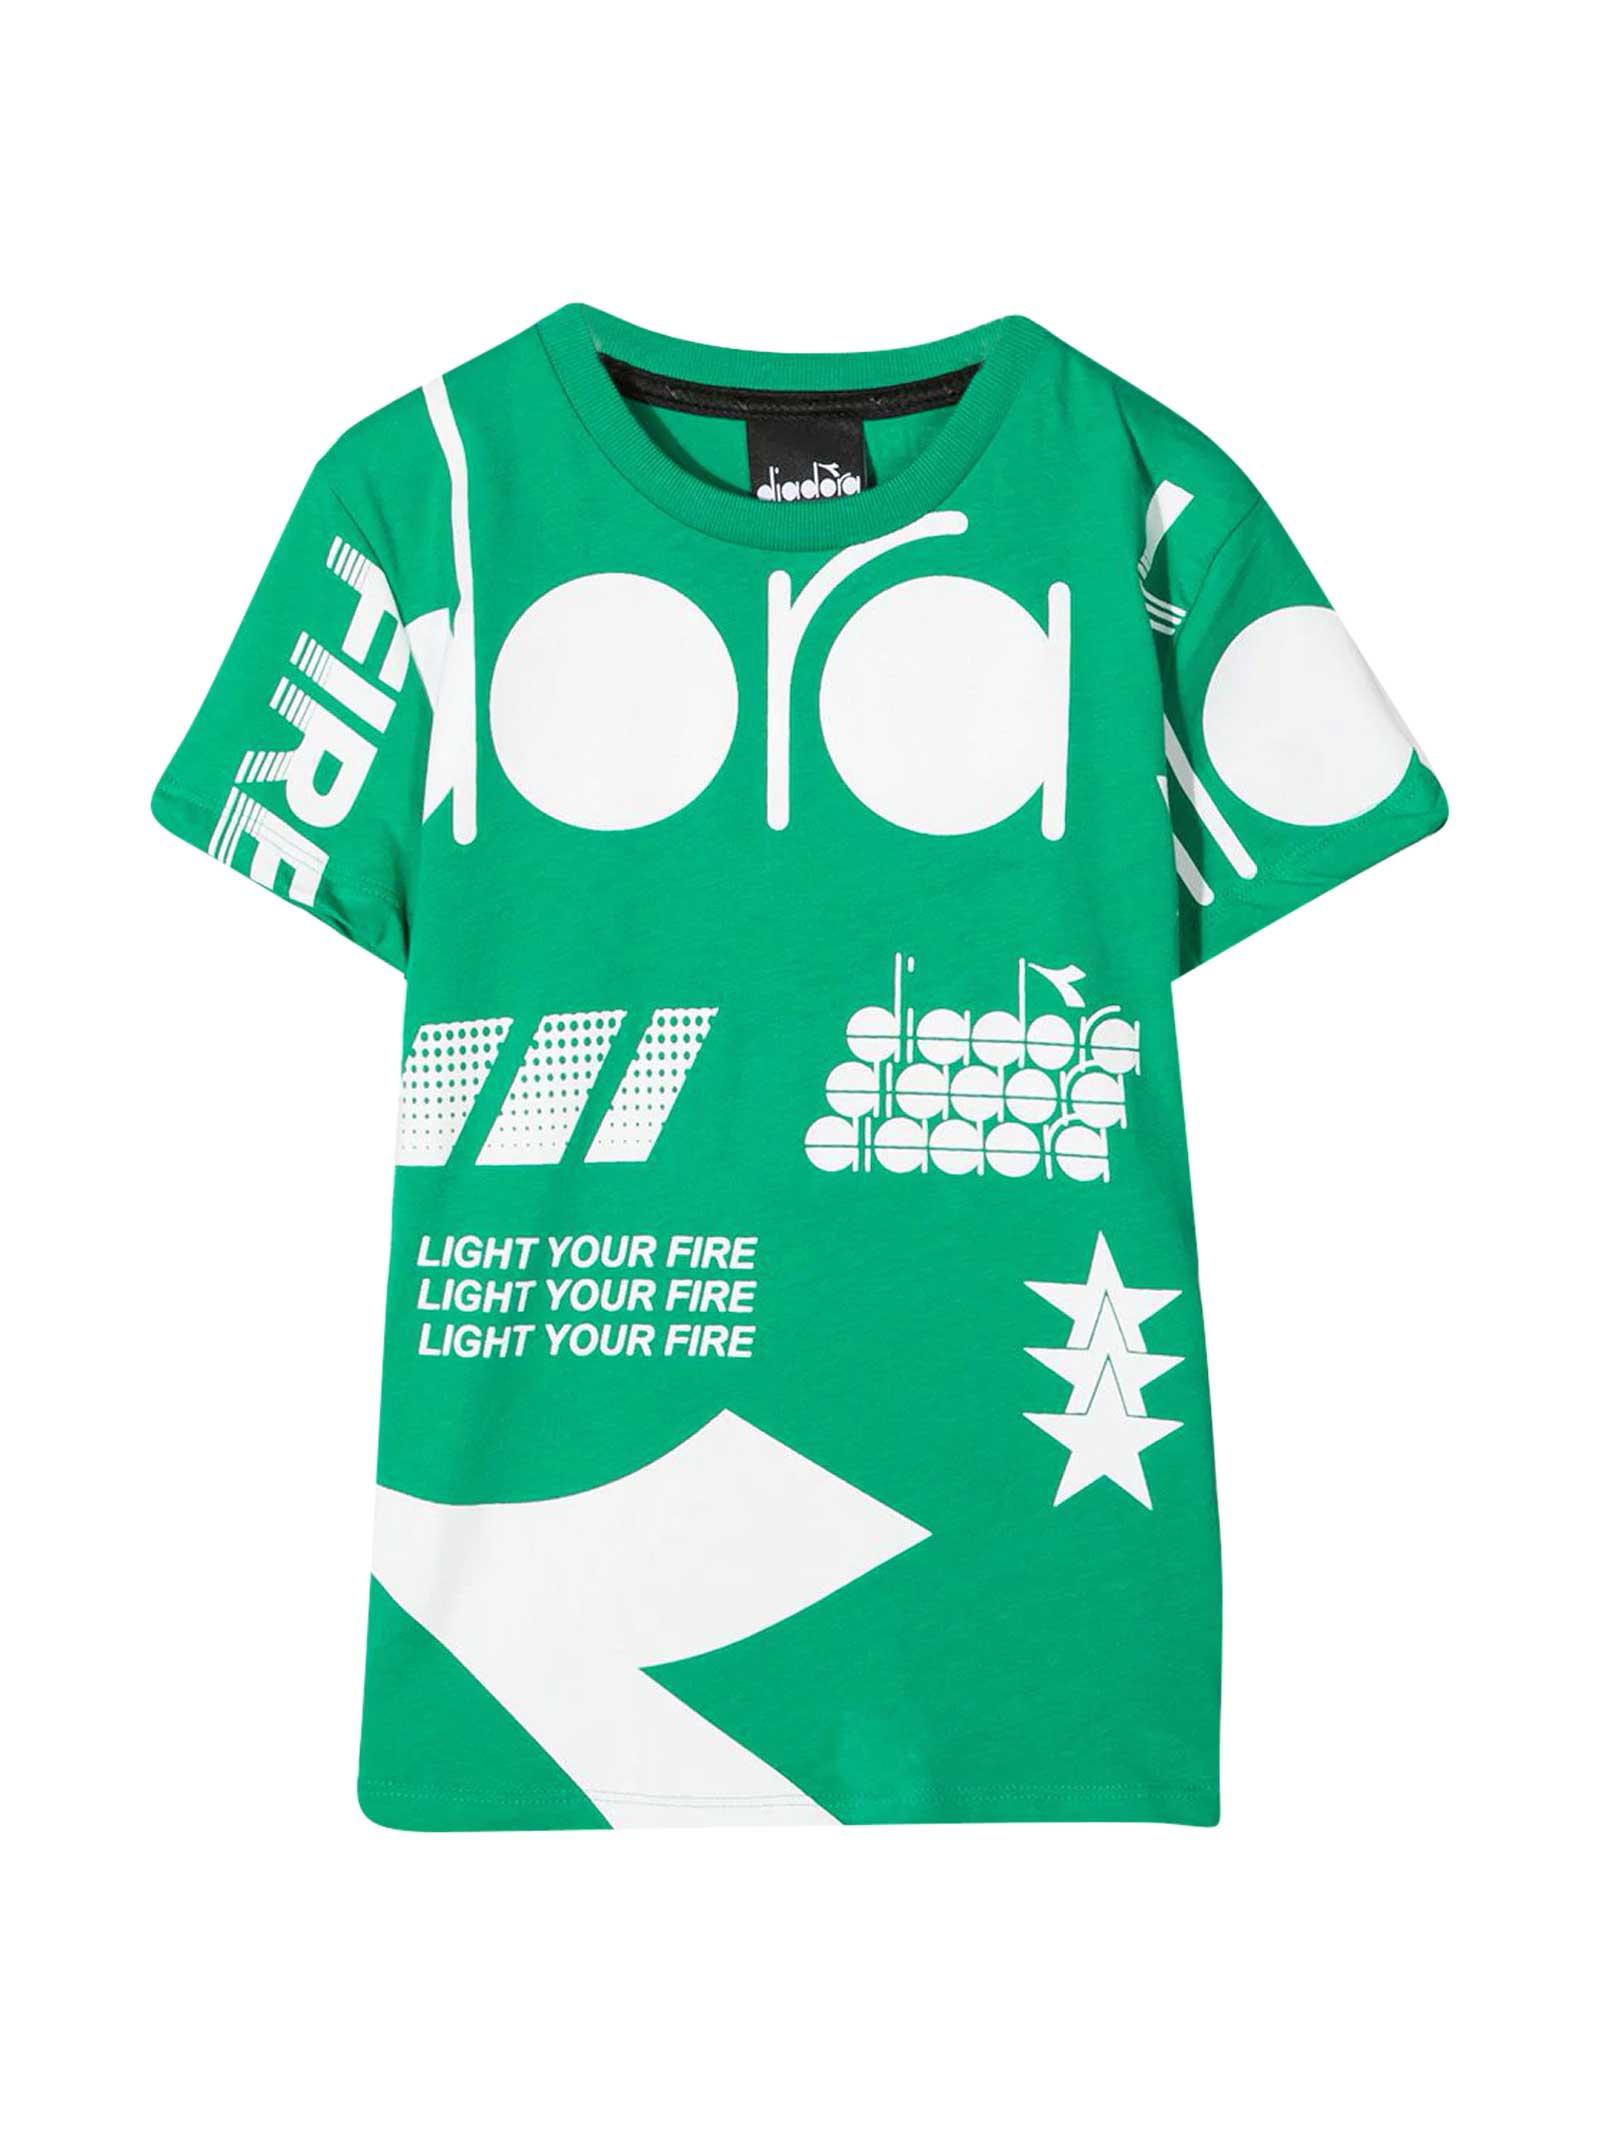 Teen Green T-shirt